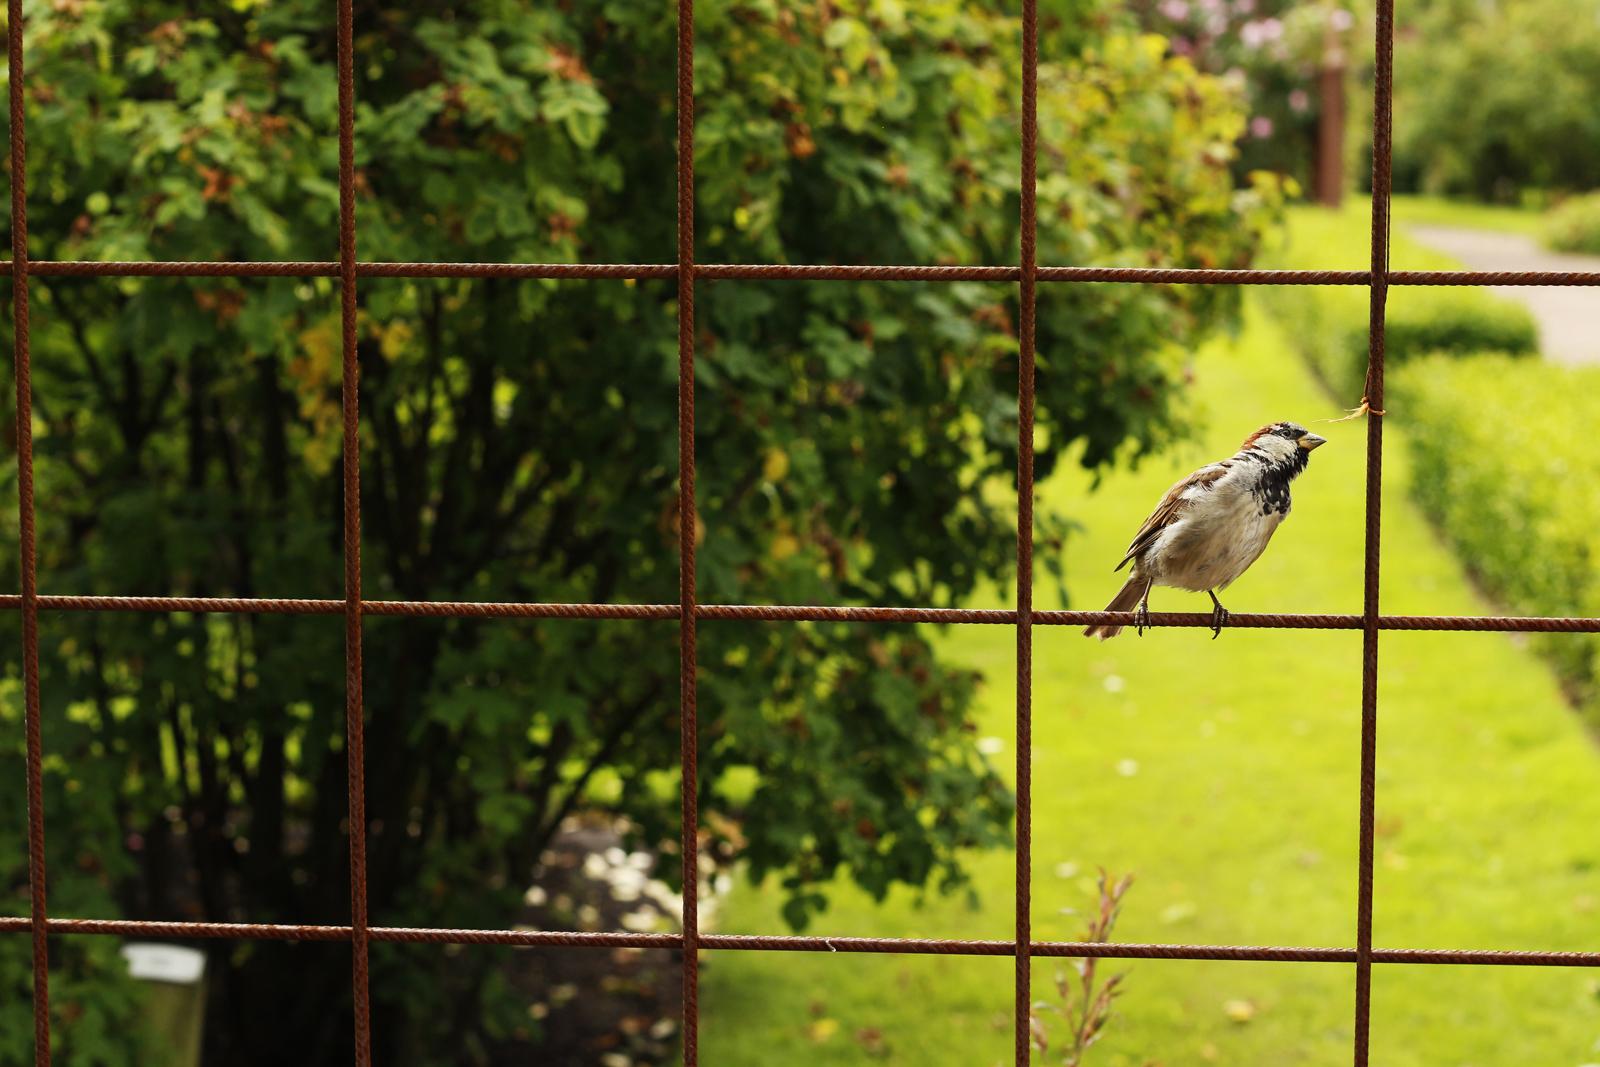 Schweden Vogel auf dem Gitter